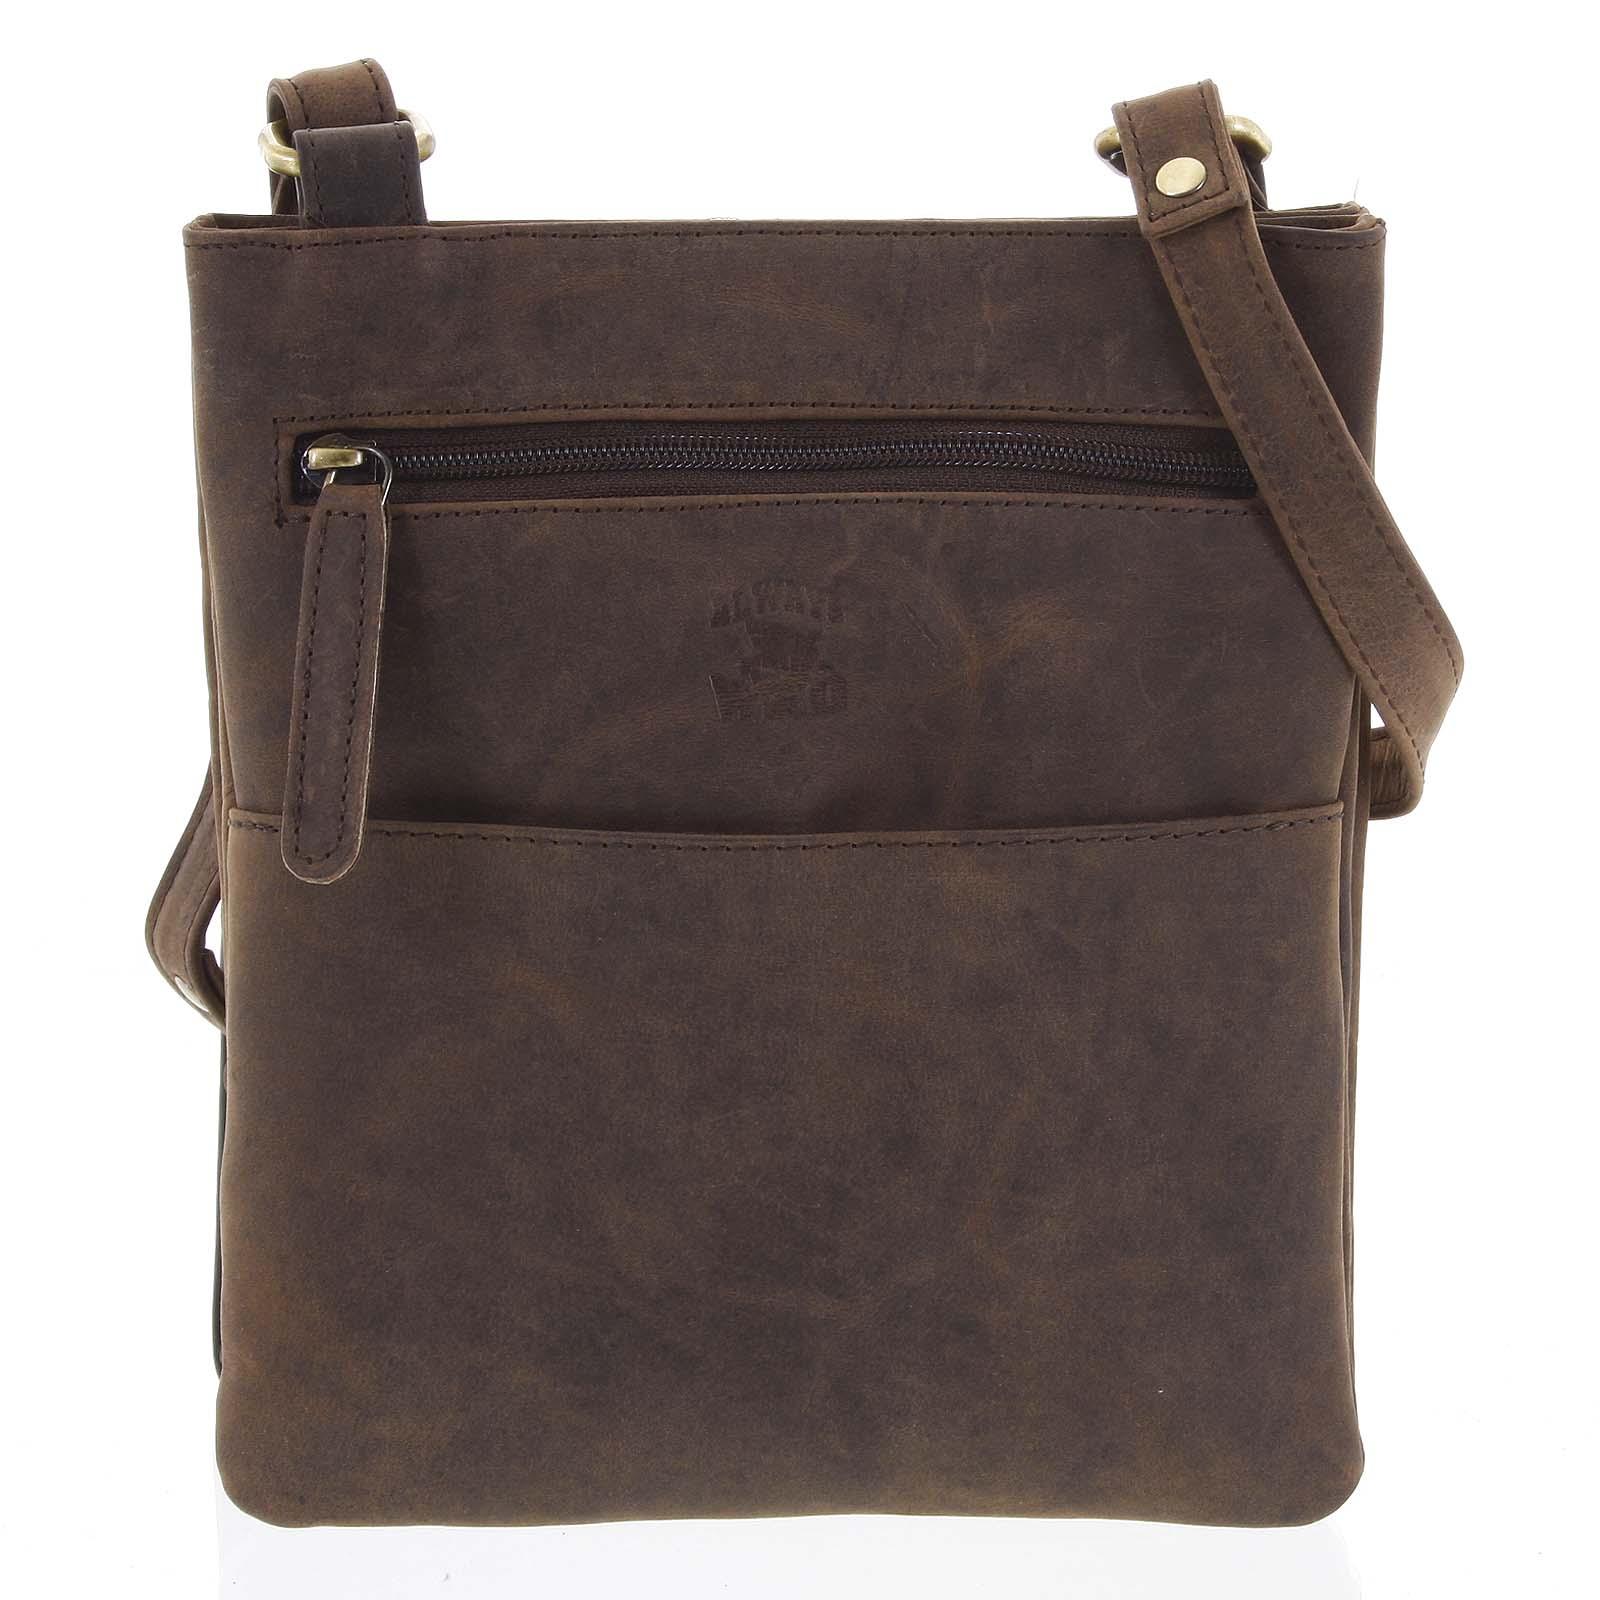 Pánska kožená crossbody taška hnedá - WILD Graison hnedá